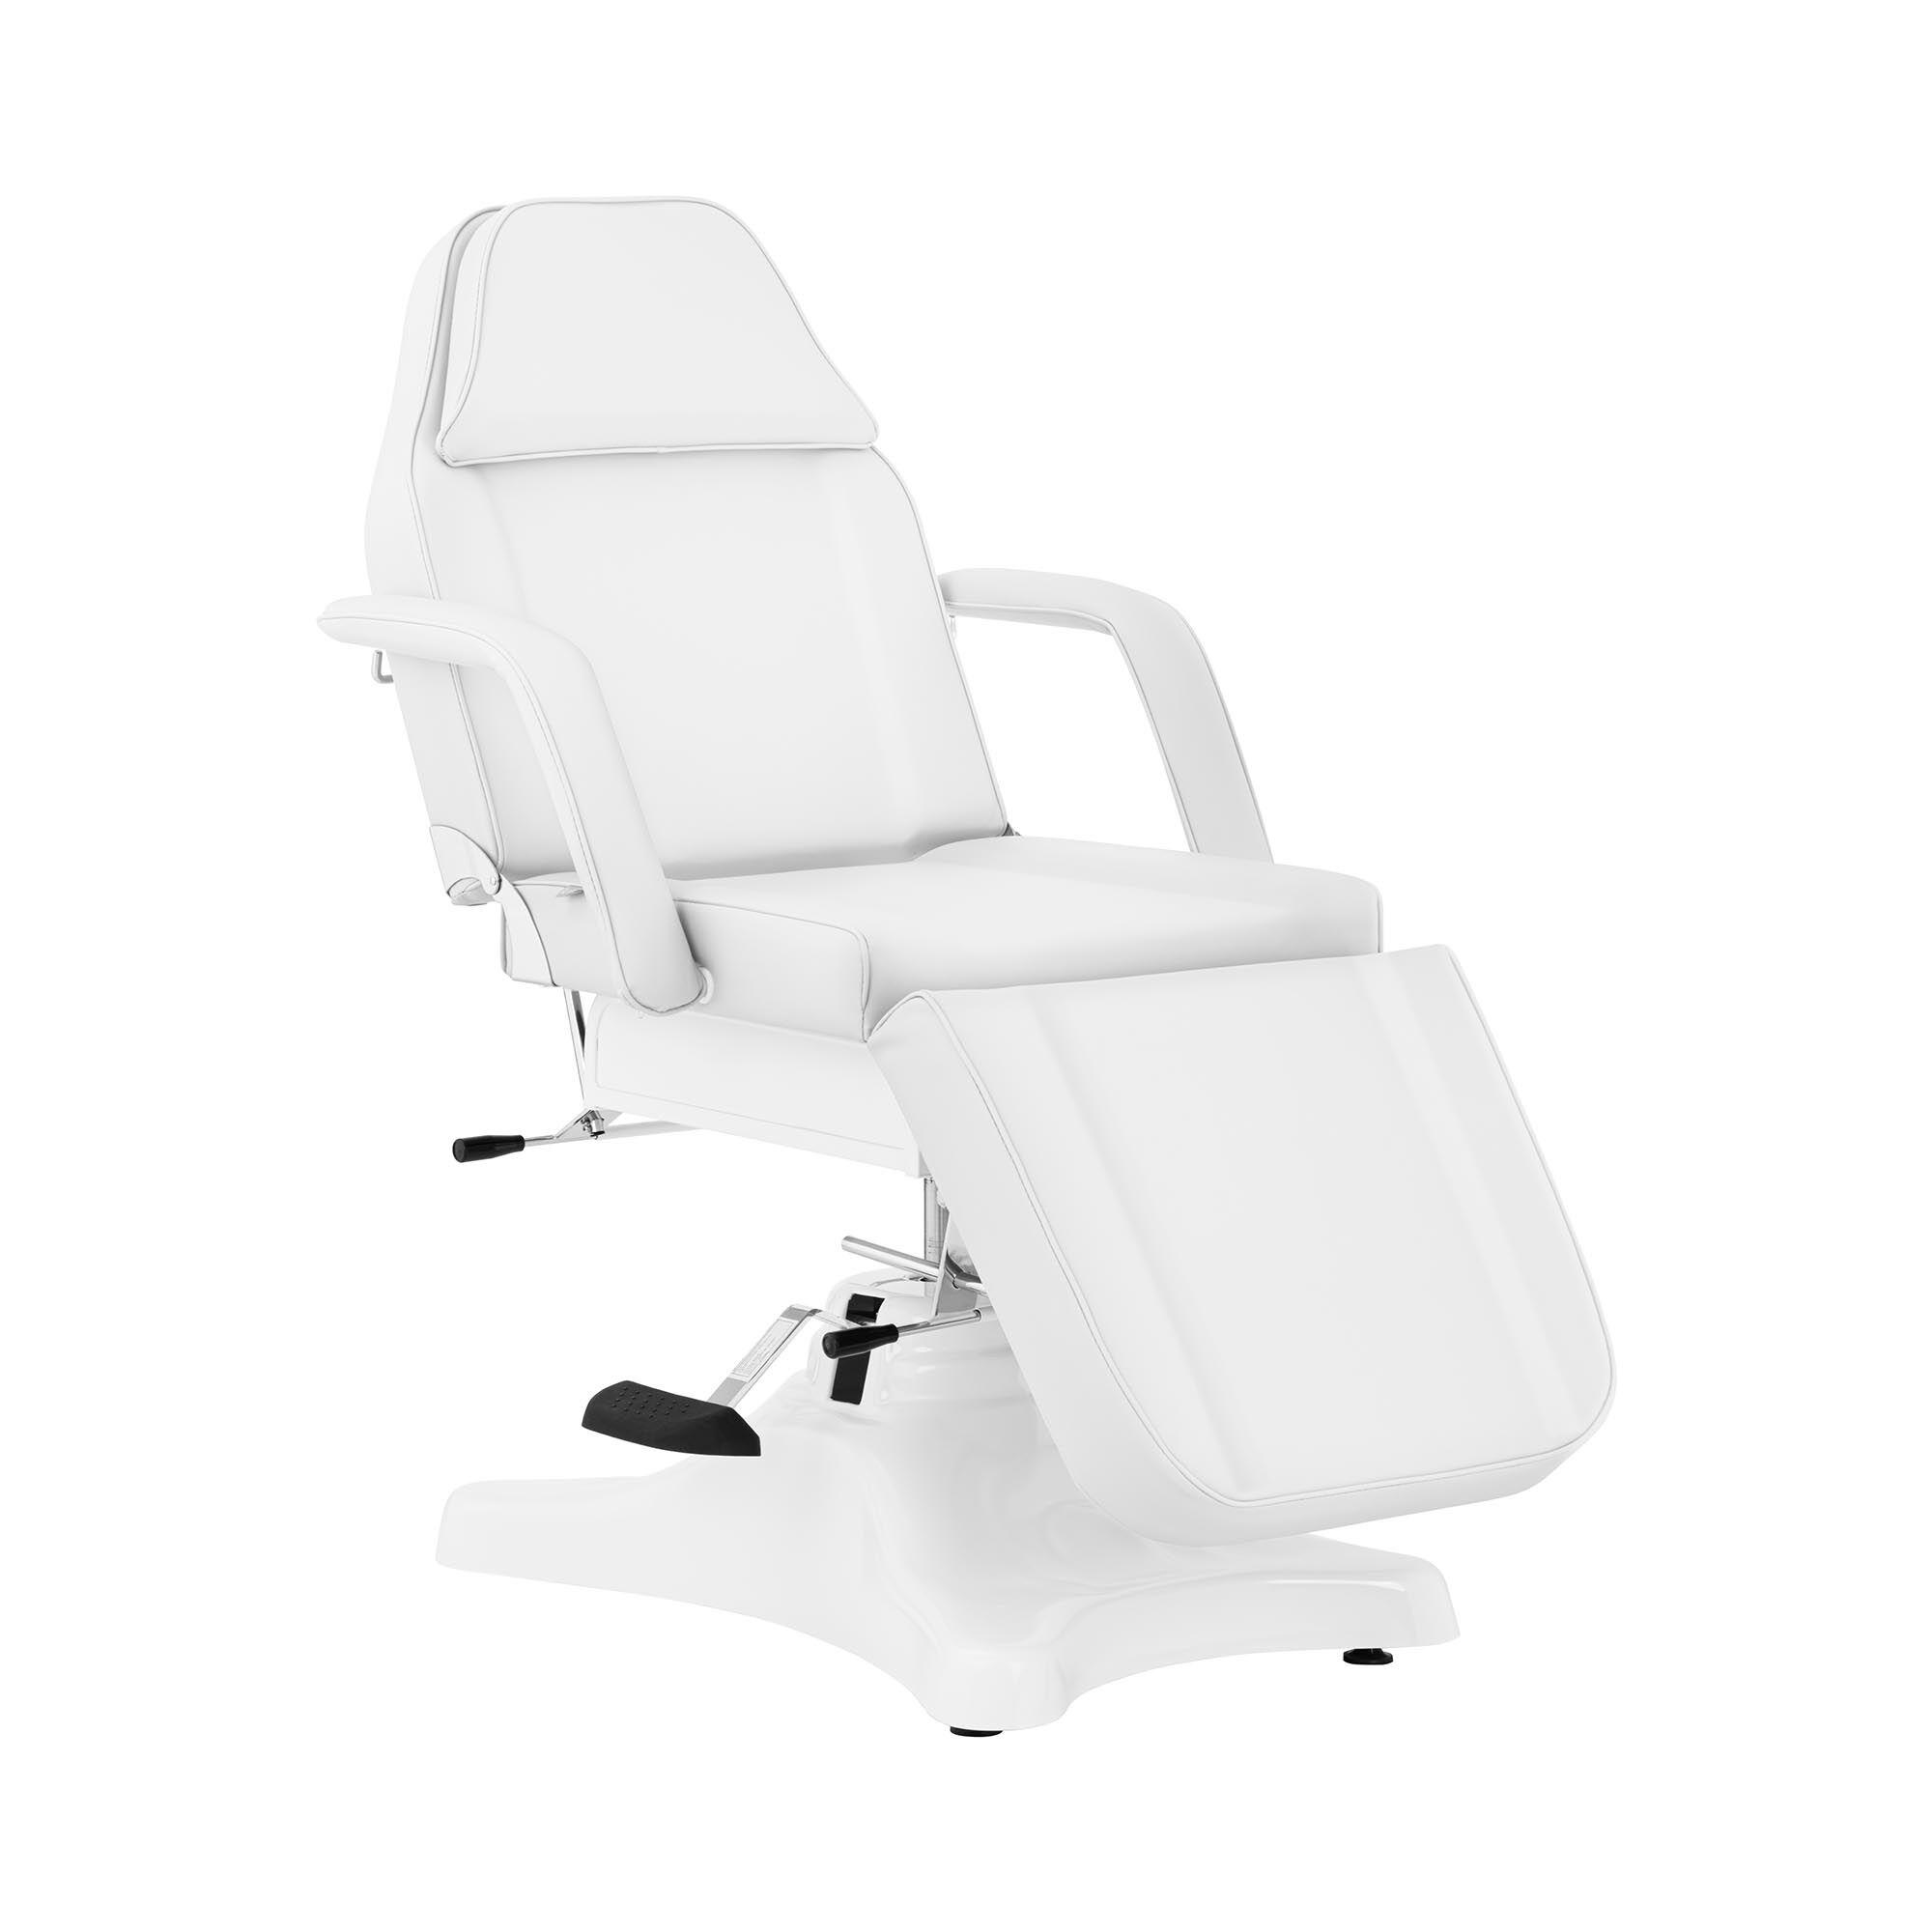 physa Fauteuil esthétique BERGAMO WHITE - Coloris blanc PHYSA BERGAMO WHITE